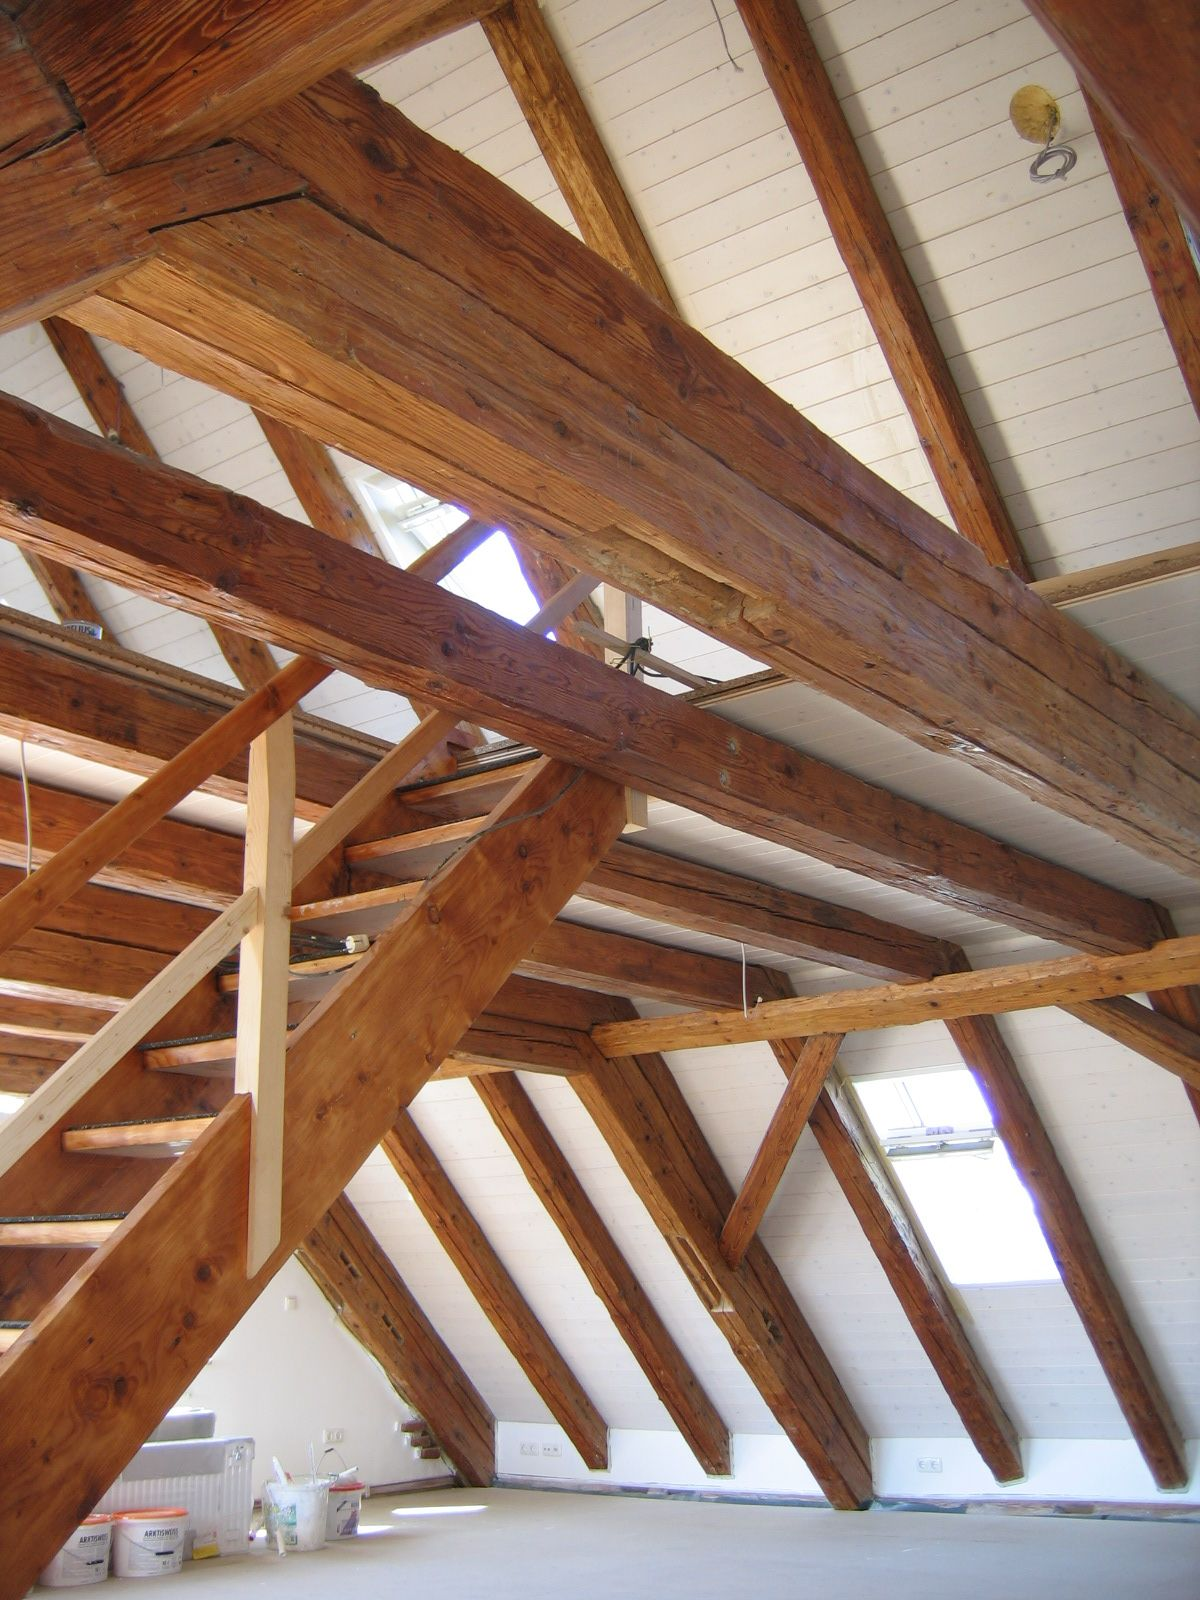 dachgeschossausbau bild 3 blick in den dachspitz des renovierten bauernhausdachstuhls dort. Black Bedroom Furniture Sets. Home Design Ideas